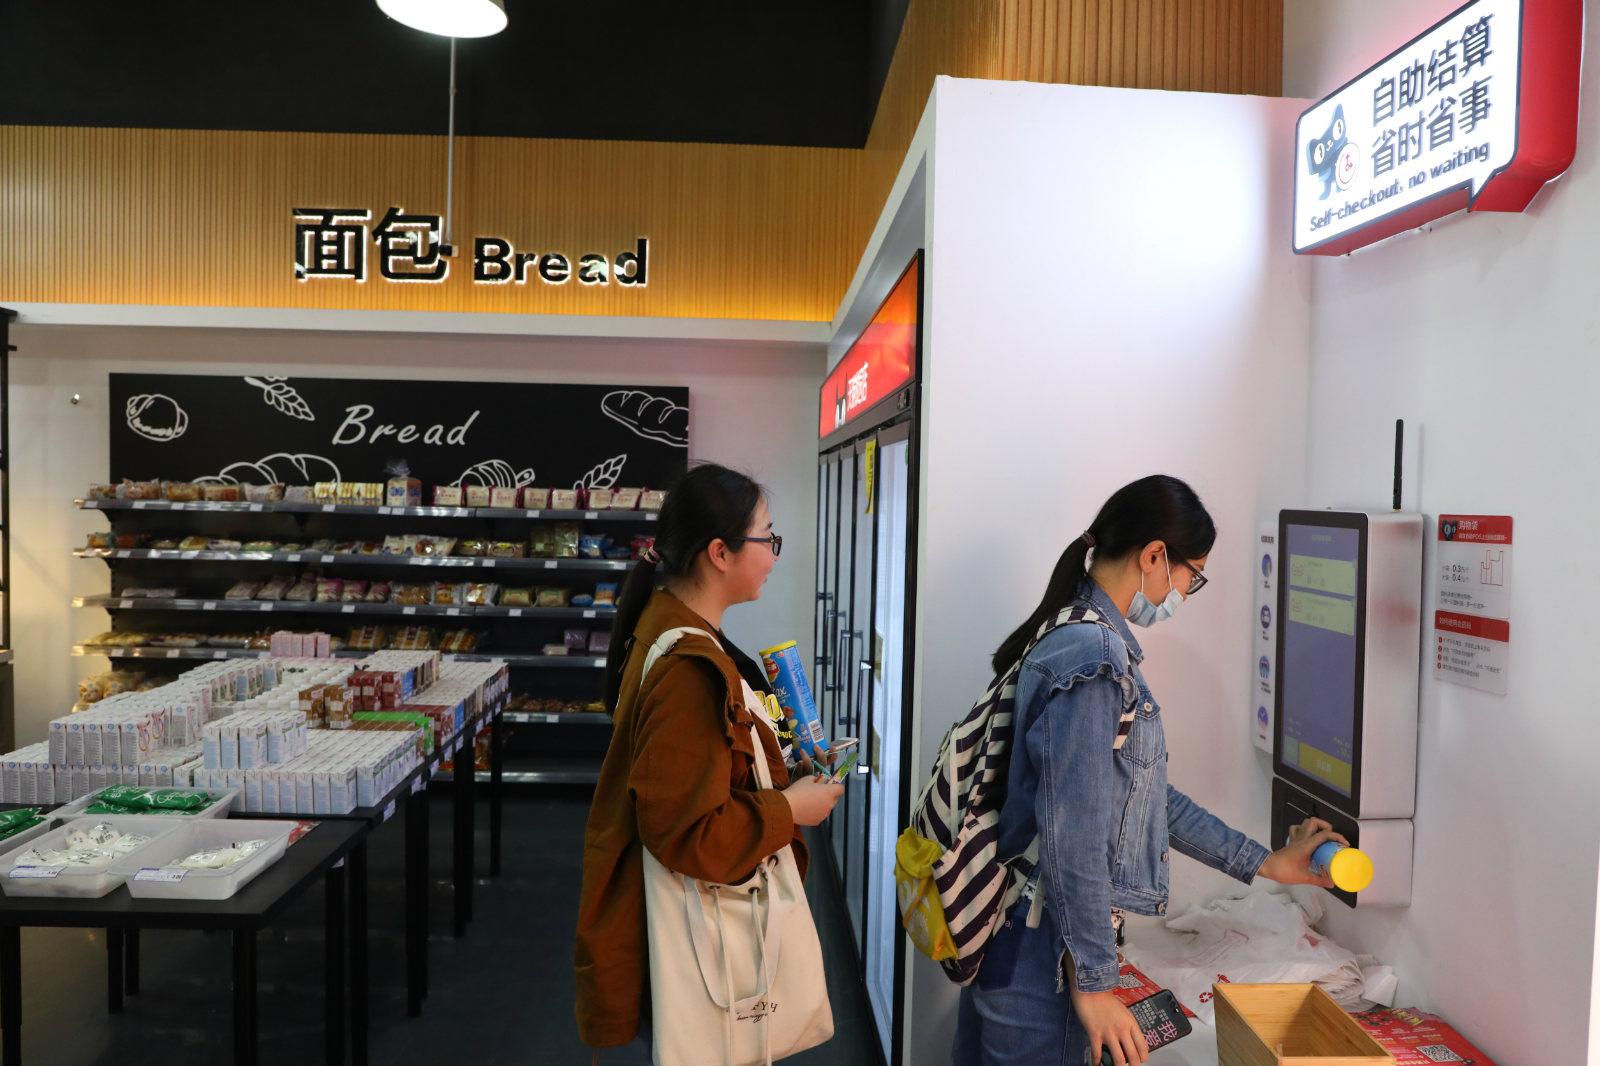 两位女大学生在进行商品自助结算_meitu_5